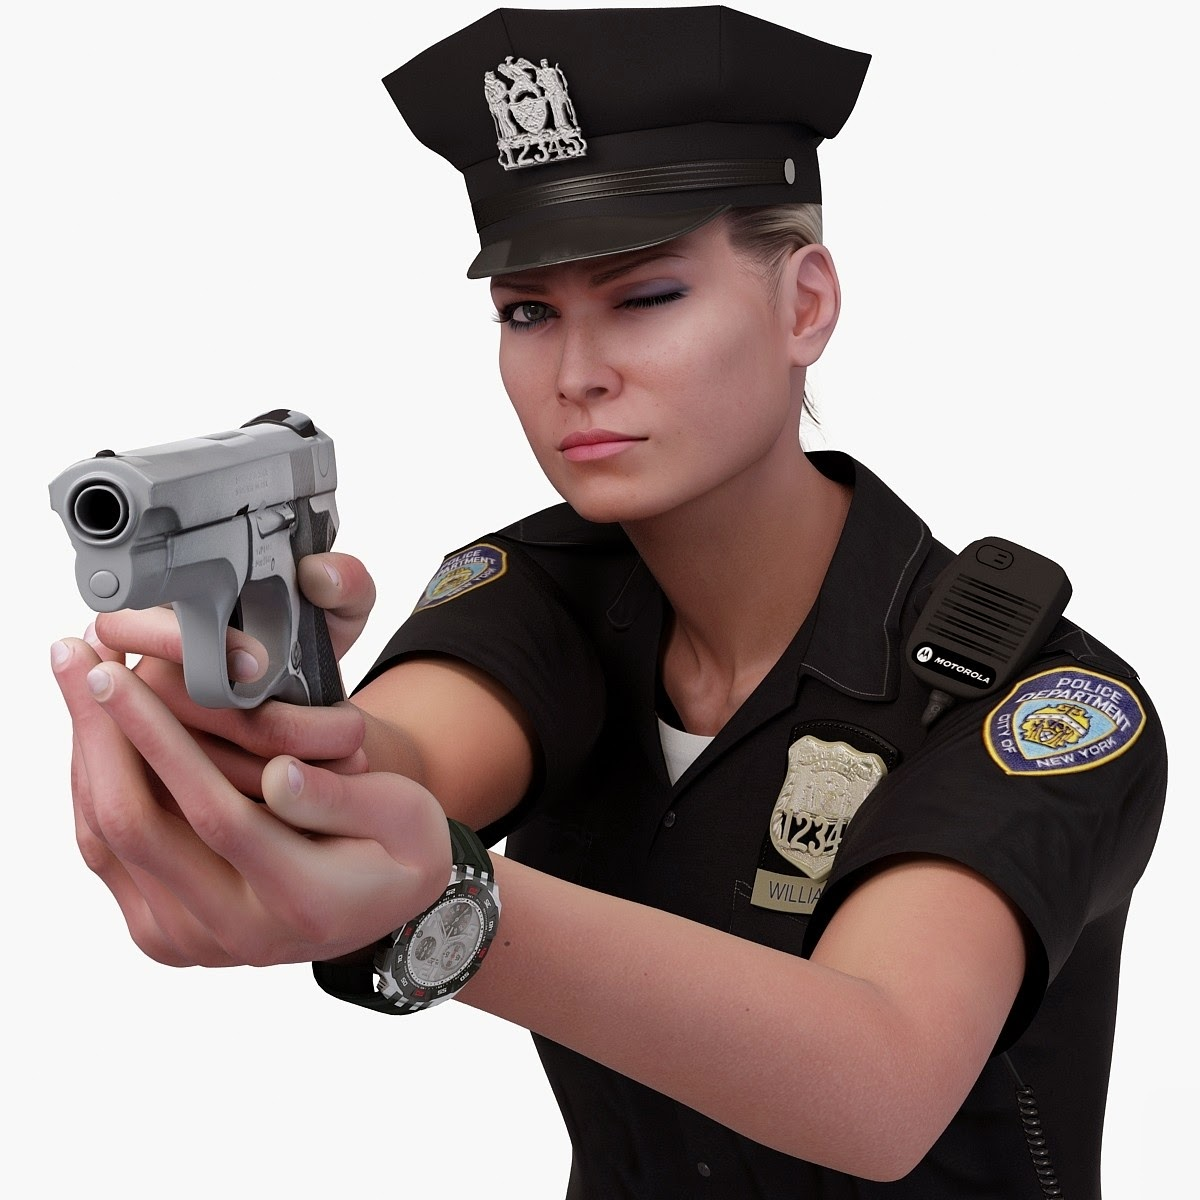 3D ART Reactor: 3D Model Police Officer White Female